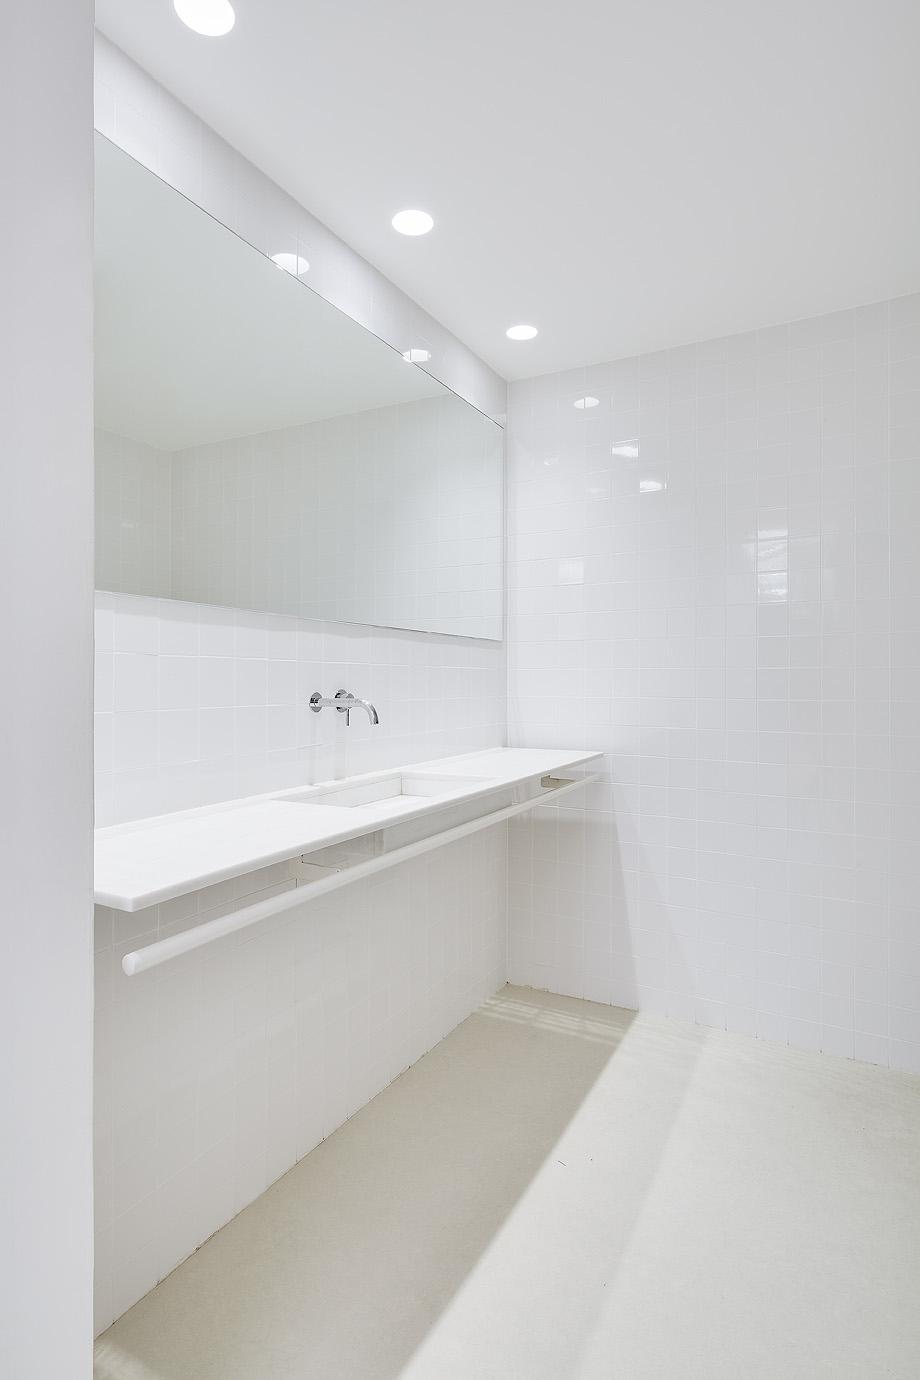 optica riojana arquitectura de blur arquitectura - foto antonio vazquez (8)